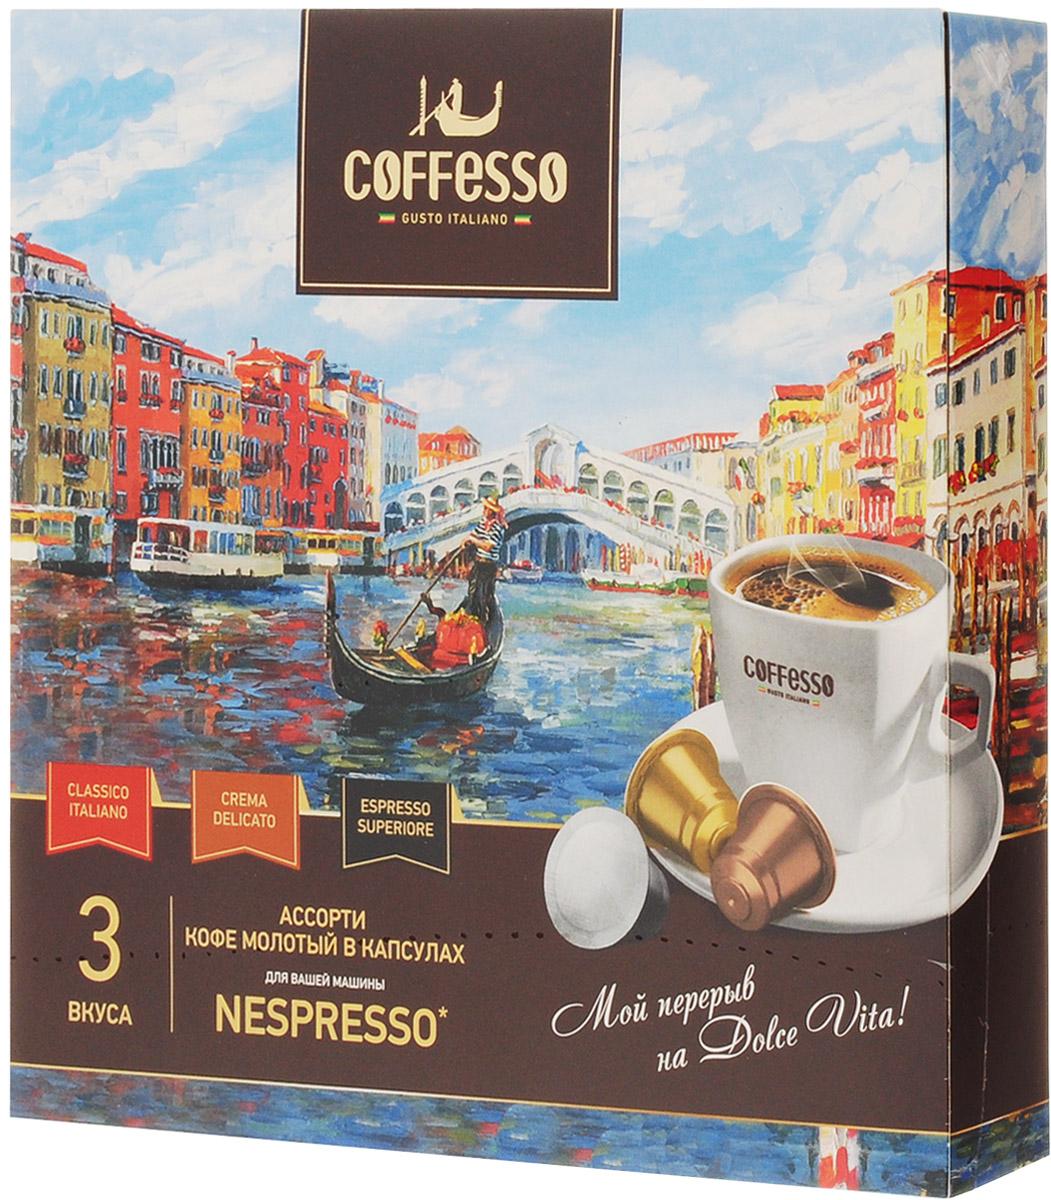 Coffesso Art Box кофе в капсулах, 9 шт100255Кофе-капсулы в подарочном наборе - это ассорти из трех блендов, трех самых популярных вкусов Италии: Espresso Superiore -восхитительный бленд 100% отборной арабики темной обжарки из Восточной Африки, раскрывается плотной текстурой, крепким, бархатистым вкусом и насыщенным богатым ароматом с легким оттенком шоколада; Crema Delicato - благодаря средней обжарке отборной 100% арабики, приобретает легкую текстуру, деликатный, шелковистый вкус и яркий мягкий благородный аромат с уловимыми фруктовыми нотами; Classico Italiano - гармоничное сочетание отборной 100% арабики из разных стран и средней обжарки придают кофе сбалансированный классический вкус и насыщенный, богатый аромат с легкими карамельными нотками. Ярких и незабываемых минут удовольствий вам с чашечкой любимого эспрессо!